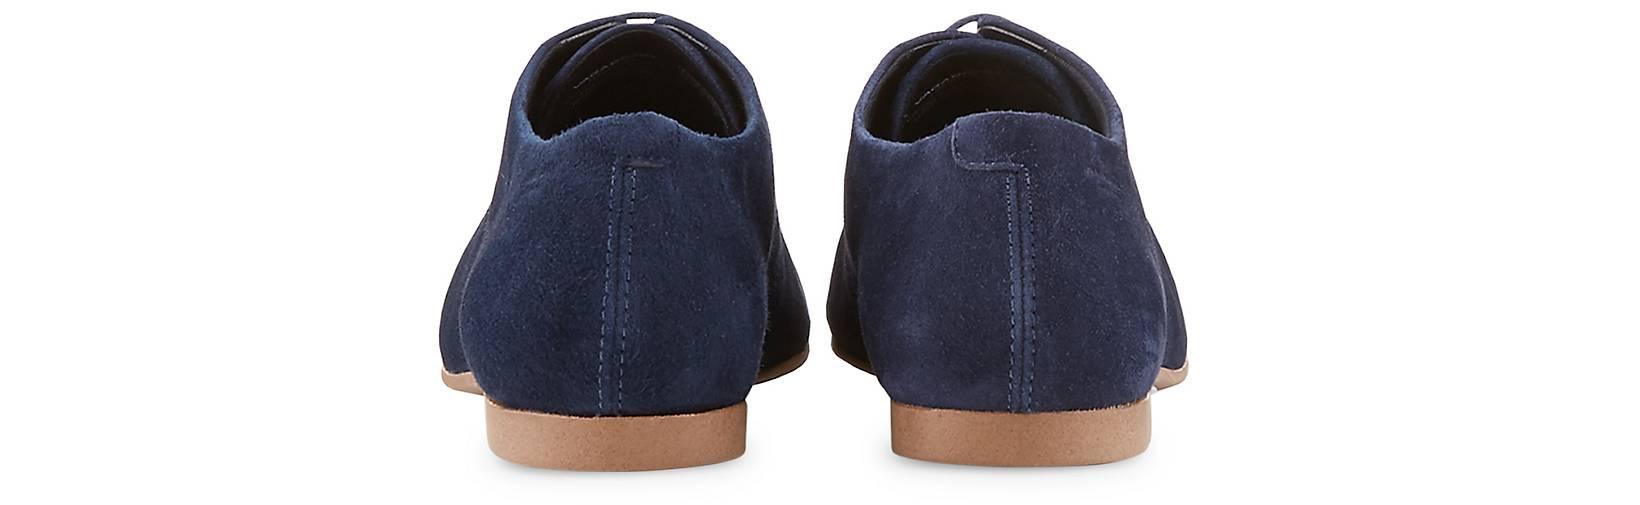 Vagabond Schnürschuh ELIZA in blau-dunkel kaufen - 48361801 48361801 48361801 GÖRTZ Gute Qualität beliebte Schuhe 8d0921